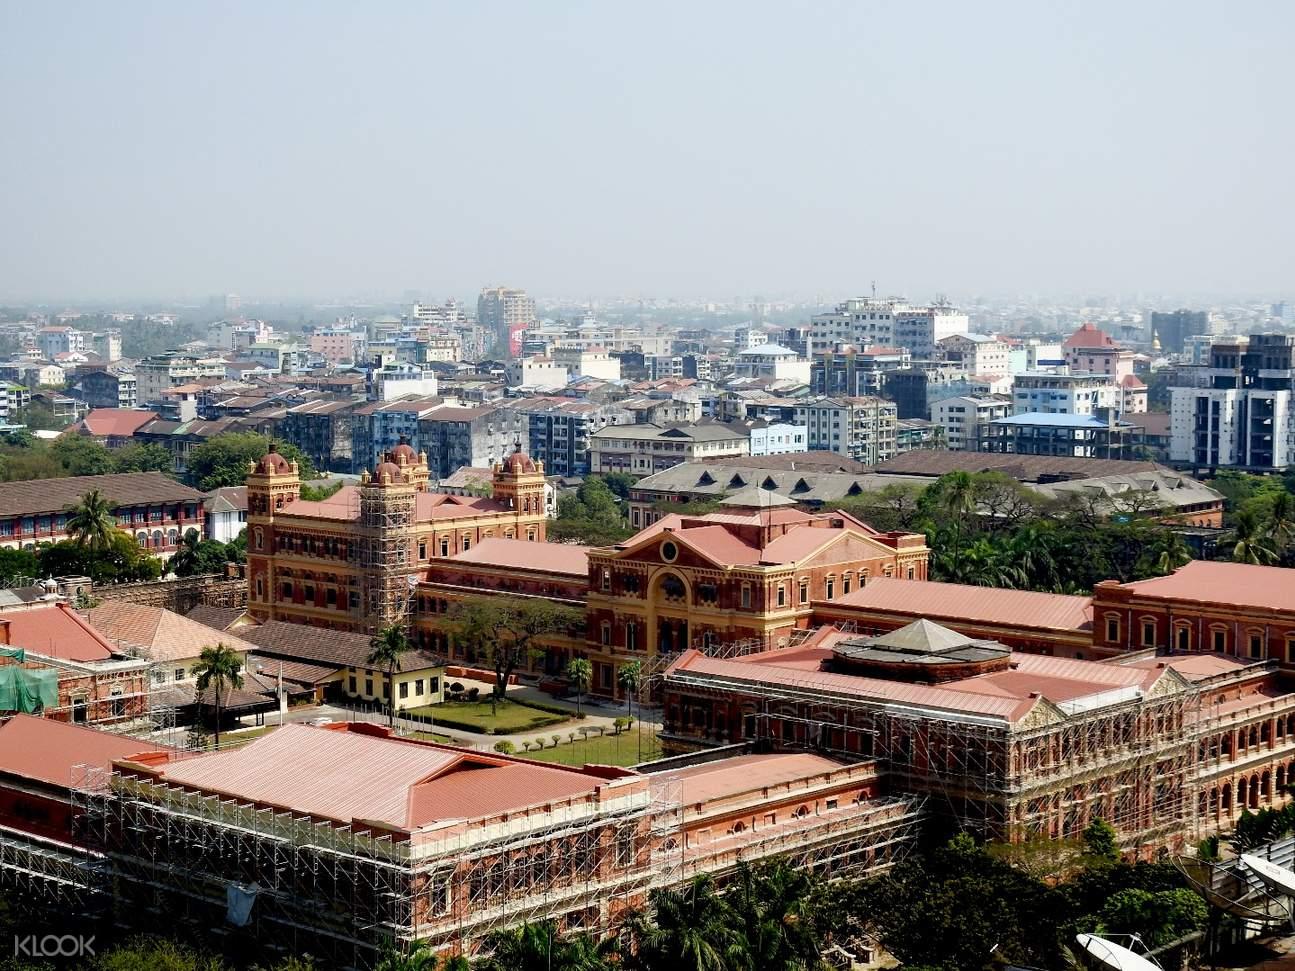 緬甸 仰光殖民地遺跡 私人導覽半日遊